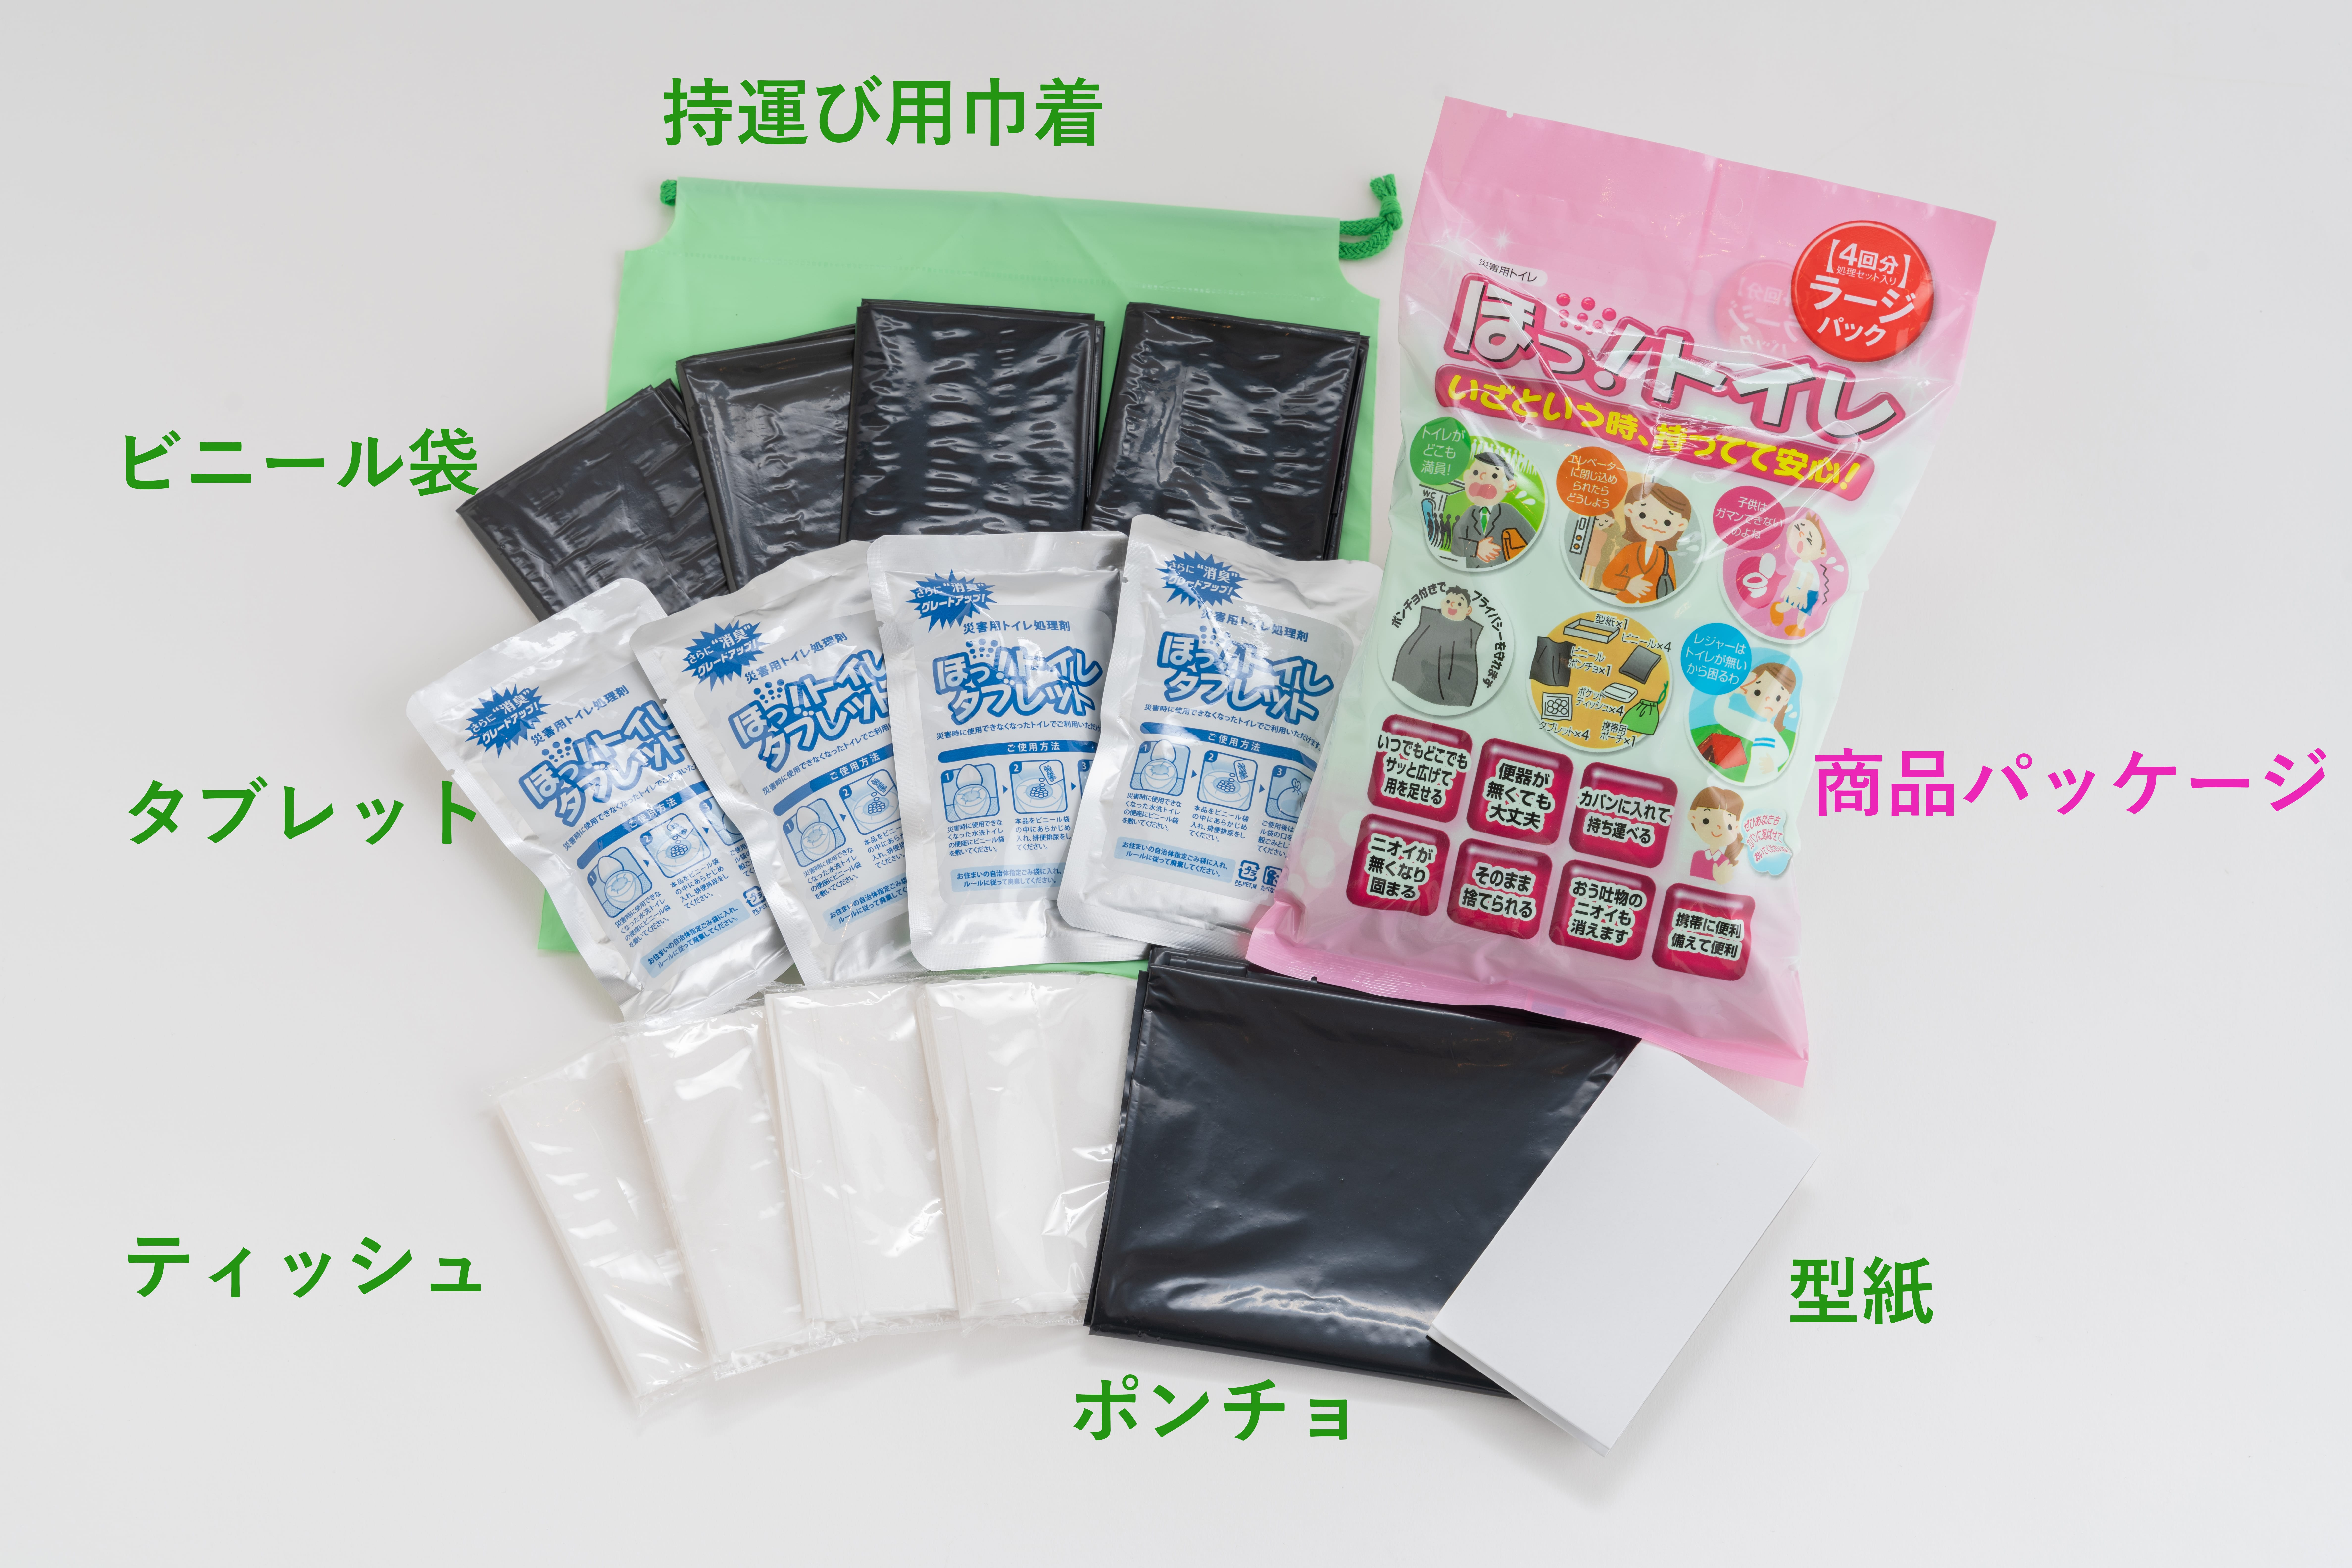 【エクセルシア】ほっ!トイレタブレット100袋入、処理用 袋110枚入 、ほっ!トイレラージパック3袋